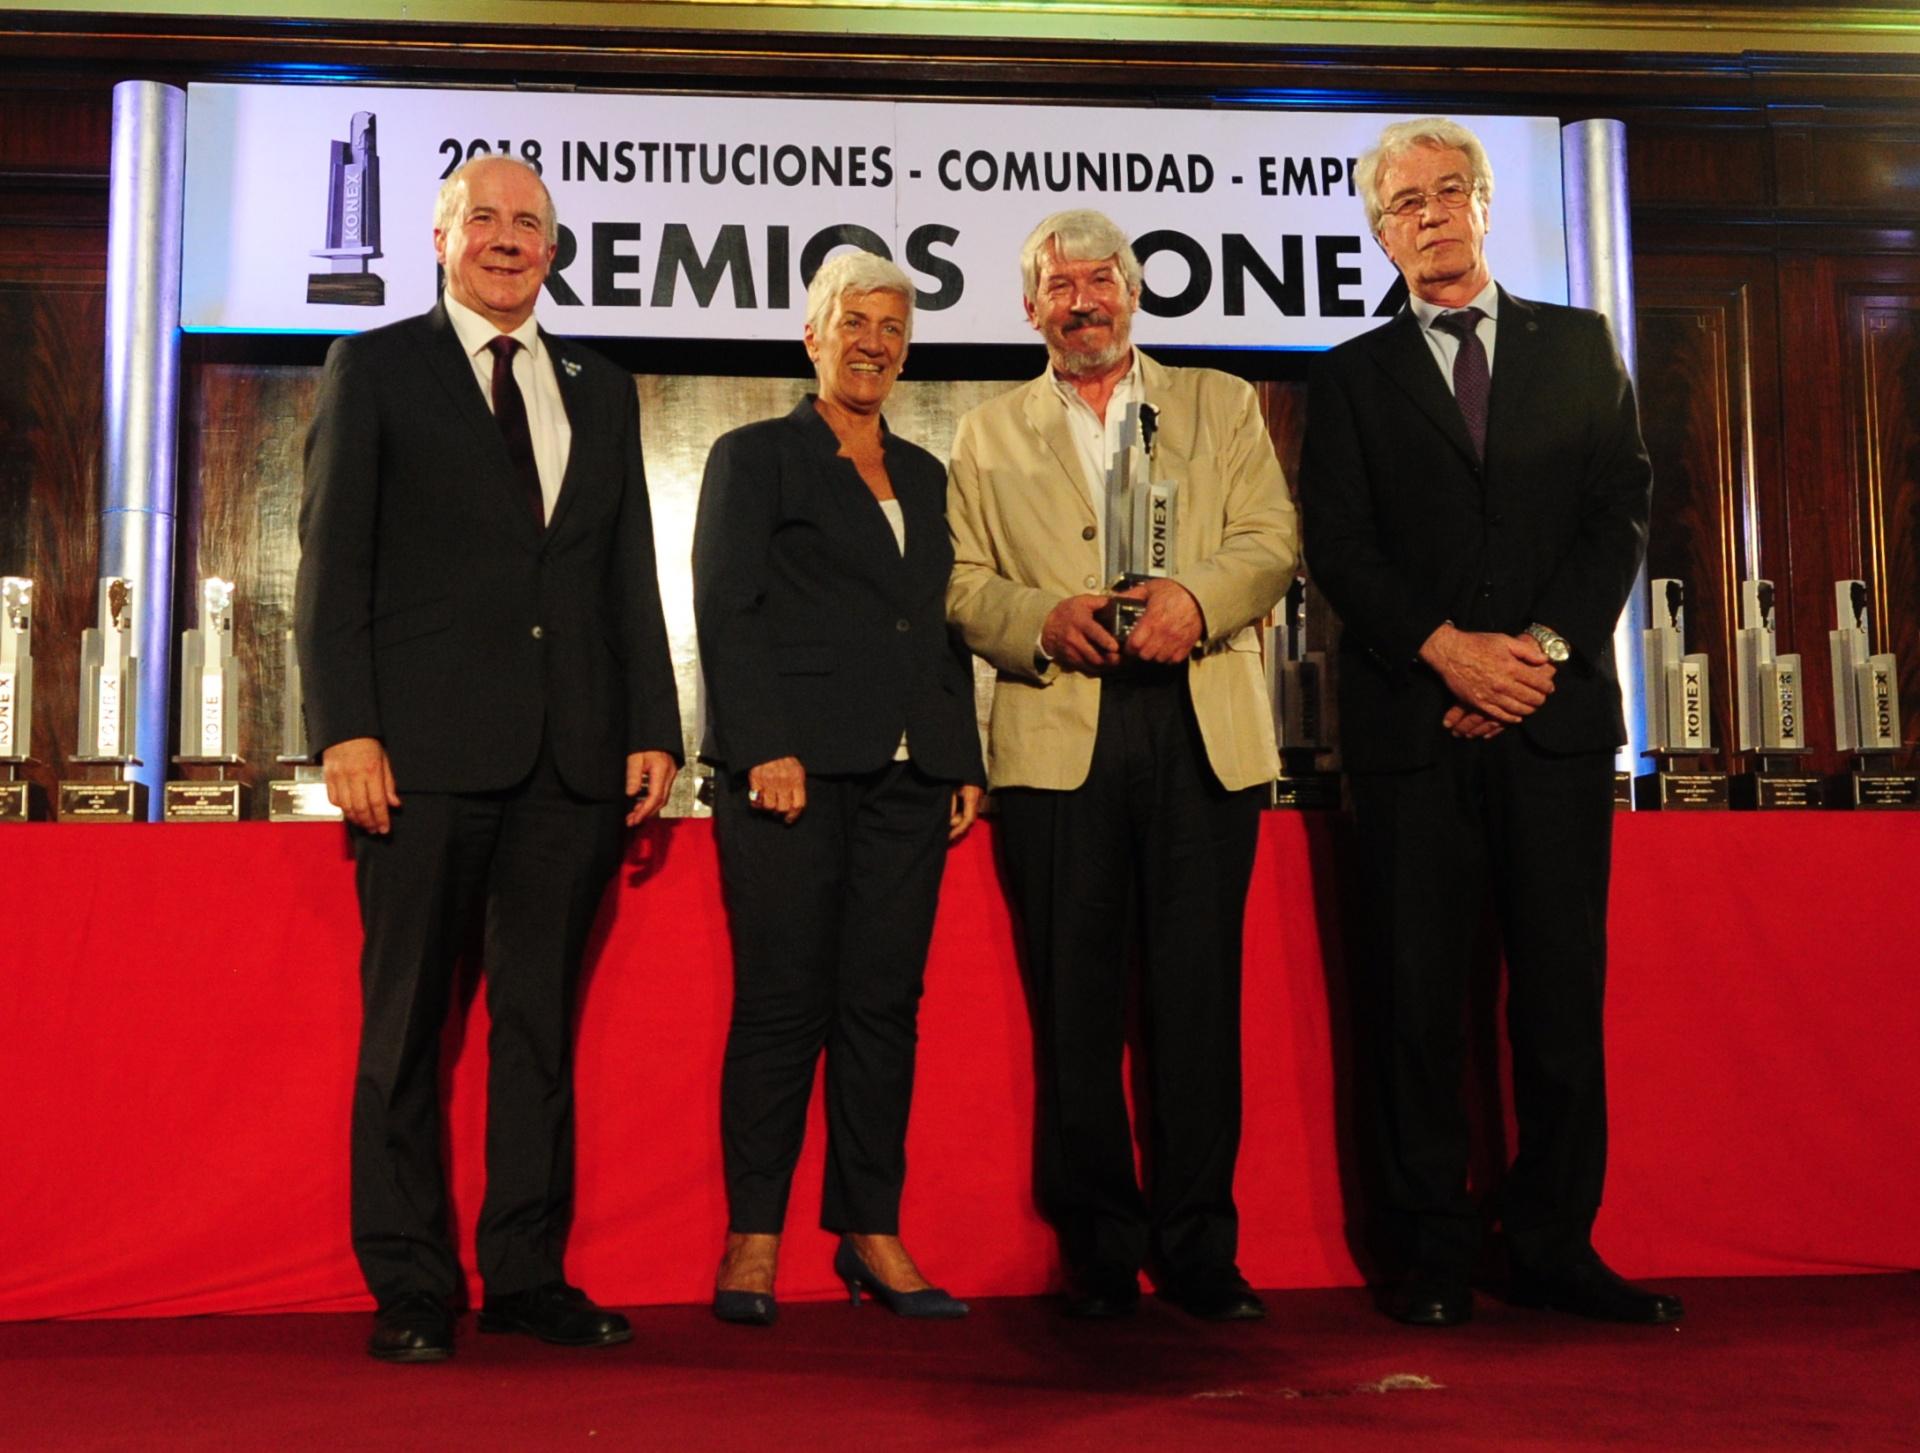 Instituto Balseiro: Konex de Platino – Entidades Educacionales y de Formación Docente. El Premio fue entregado por Mónica Pinto, miembro del Gran Jurado